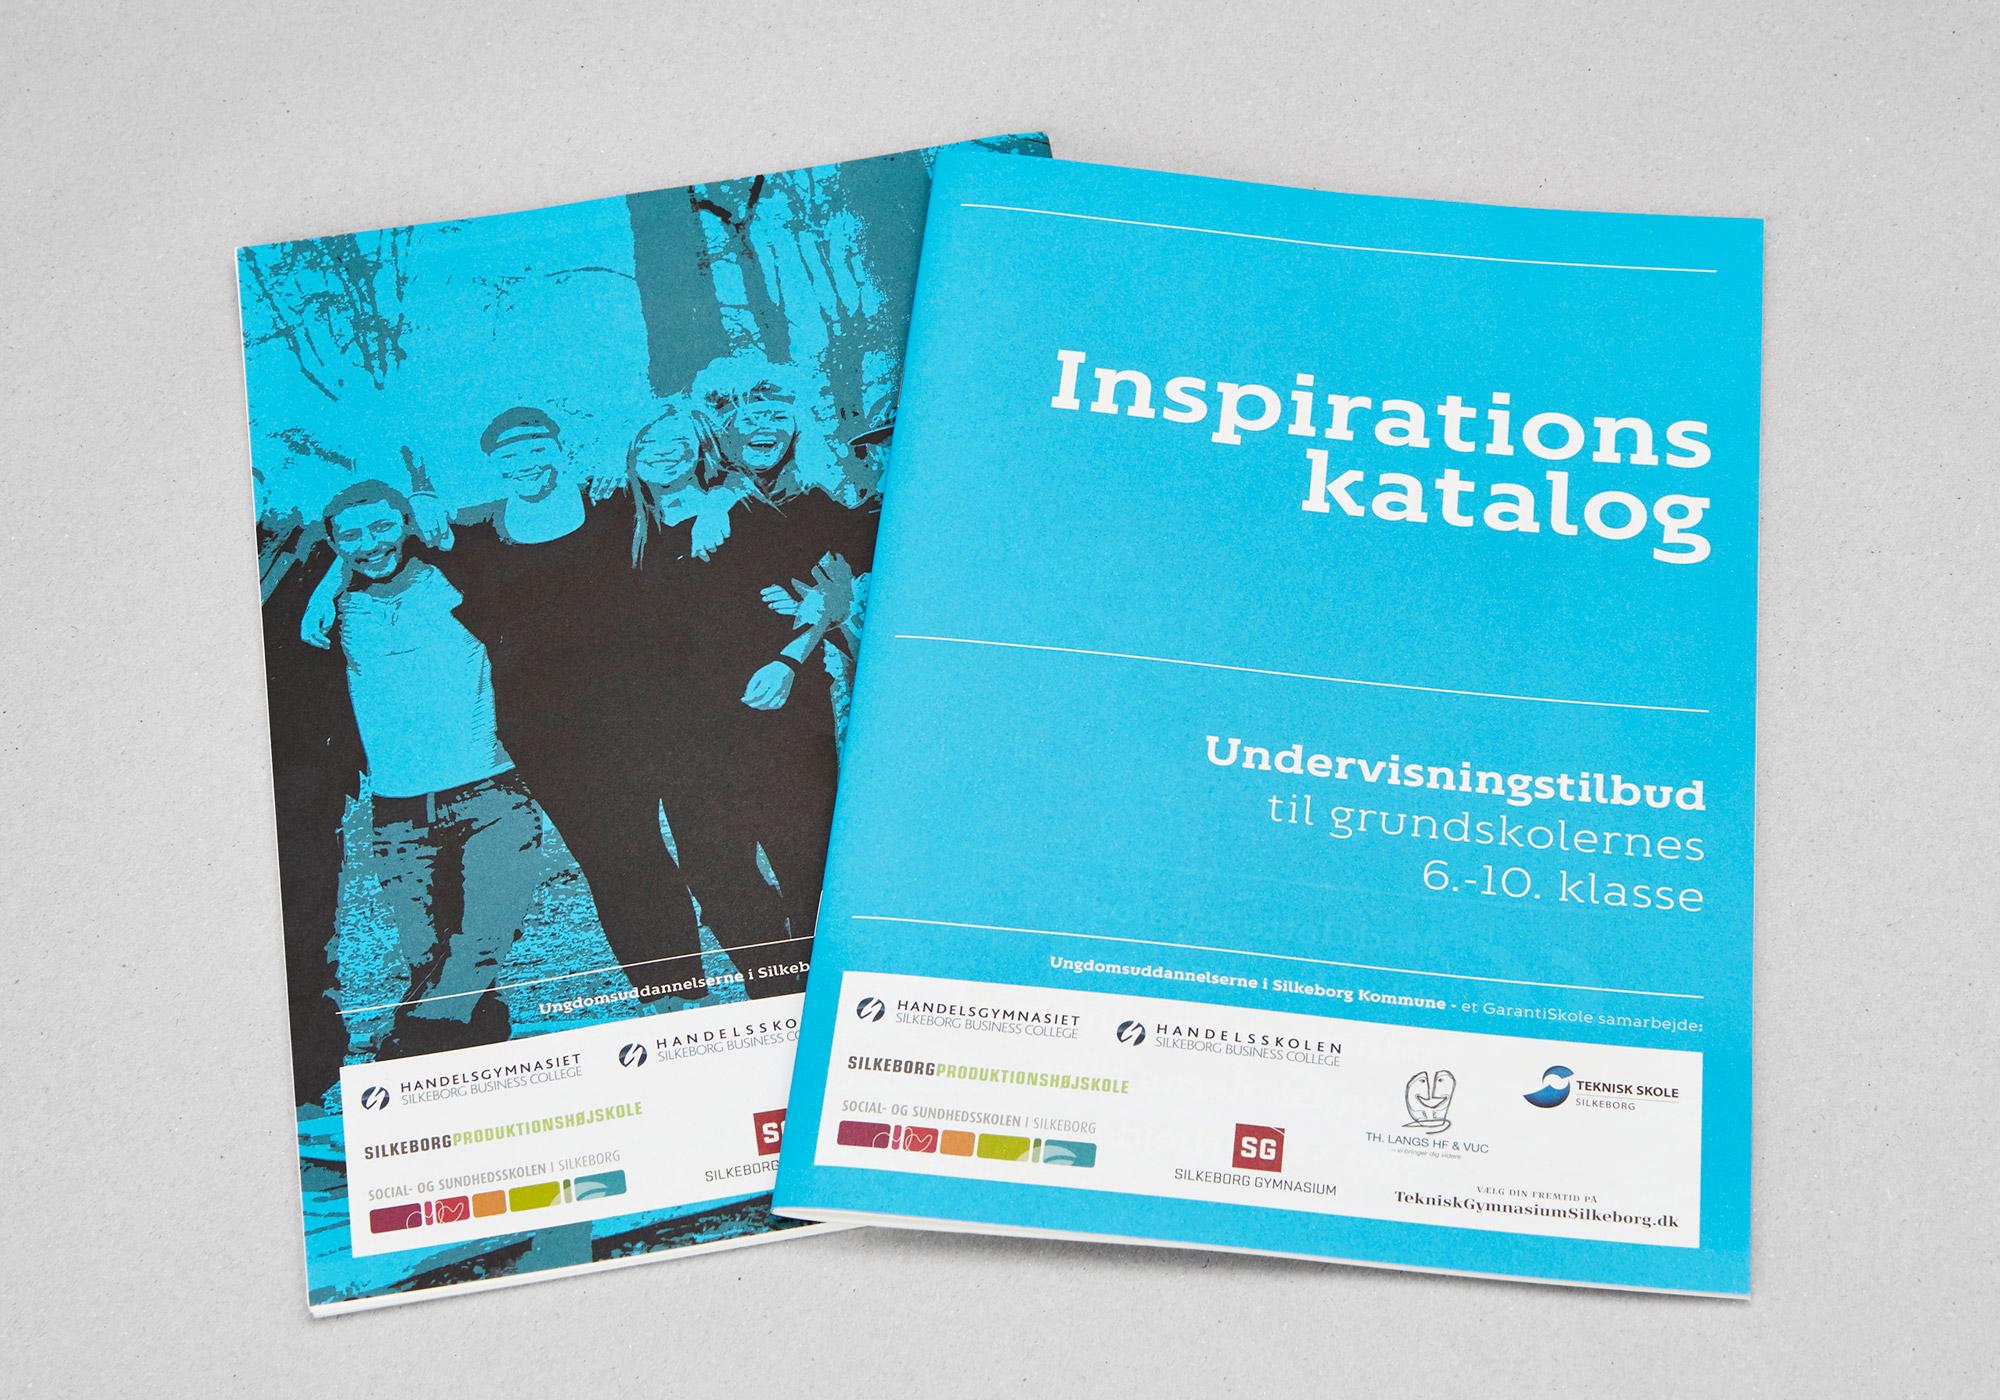 Garantiskole-cover.jpg